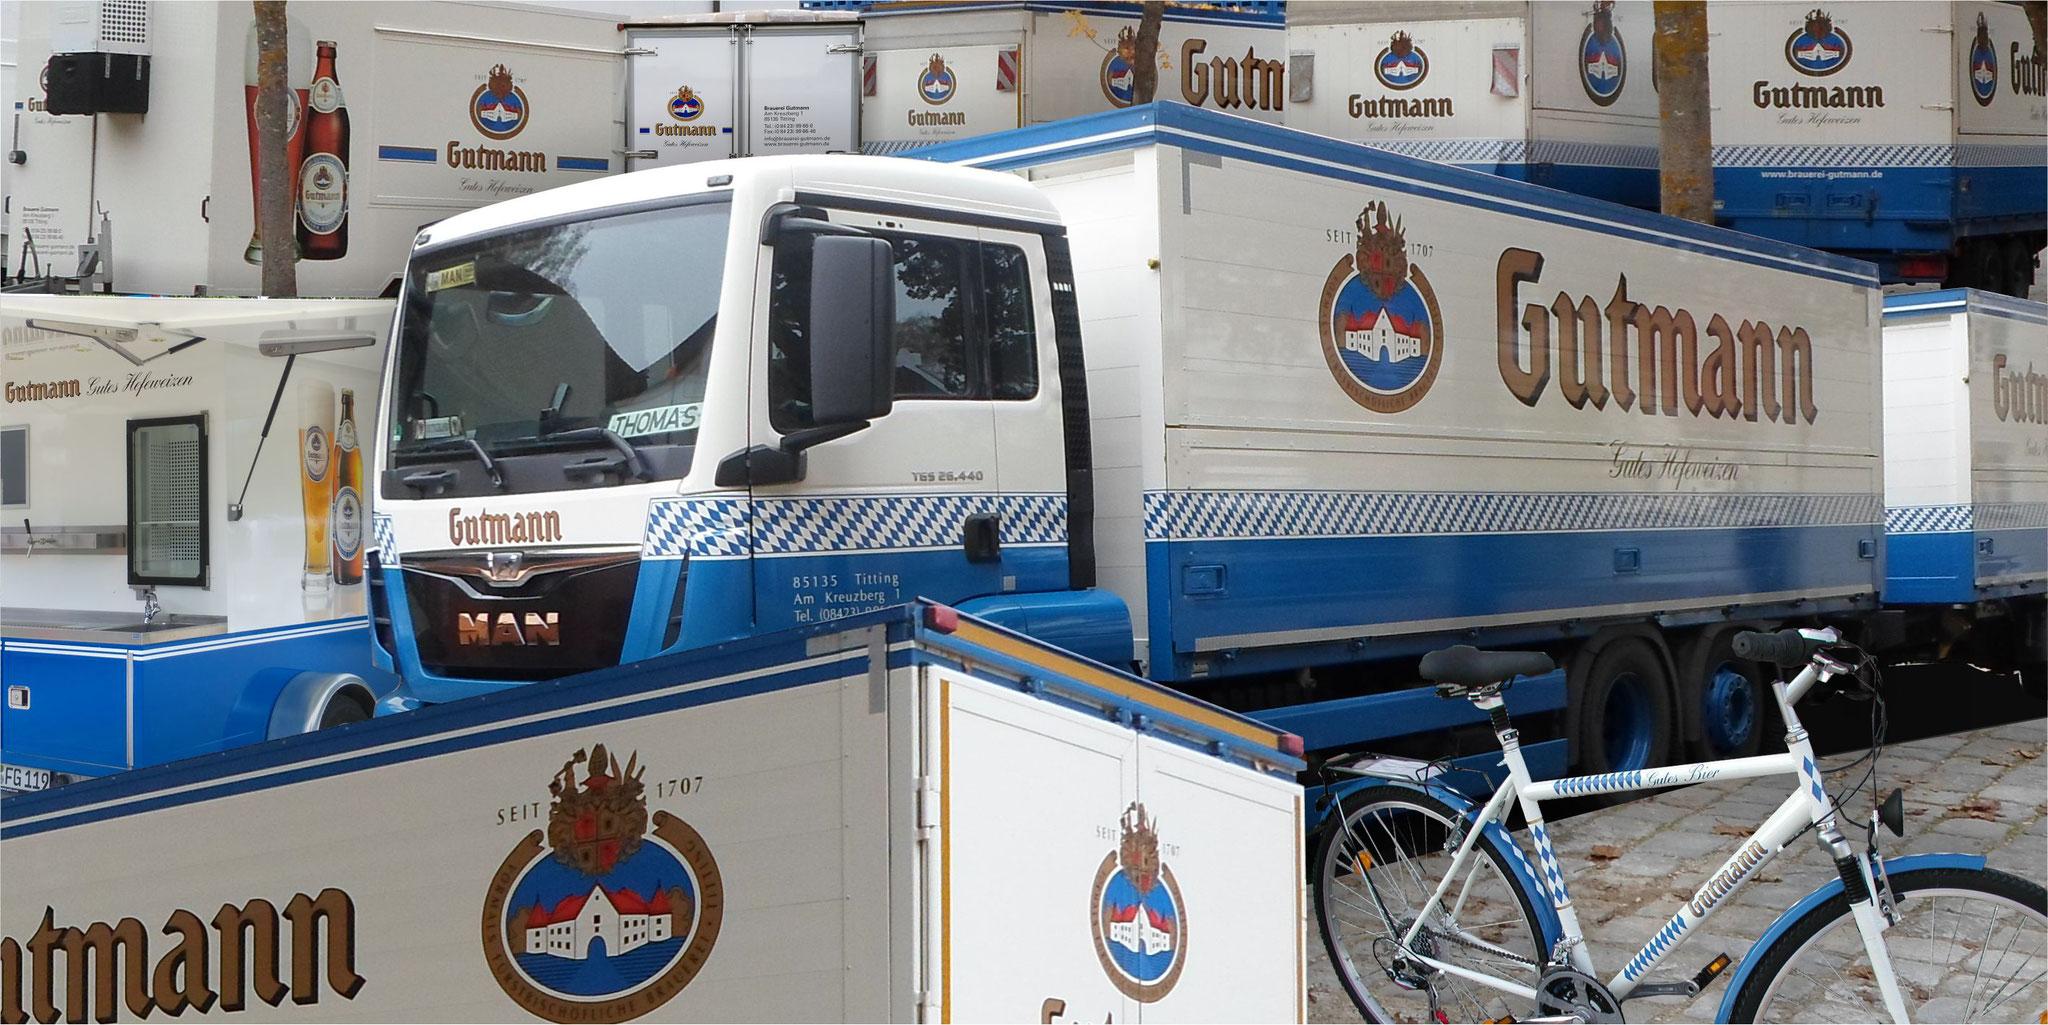 Brauerei Gutmann - Fahrzeugbeschriftungen seit 1995